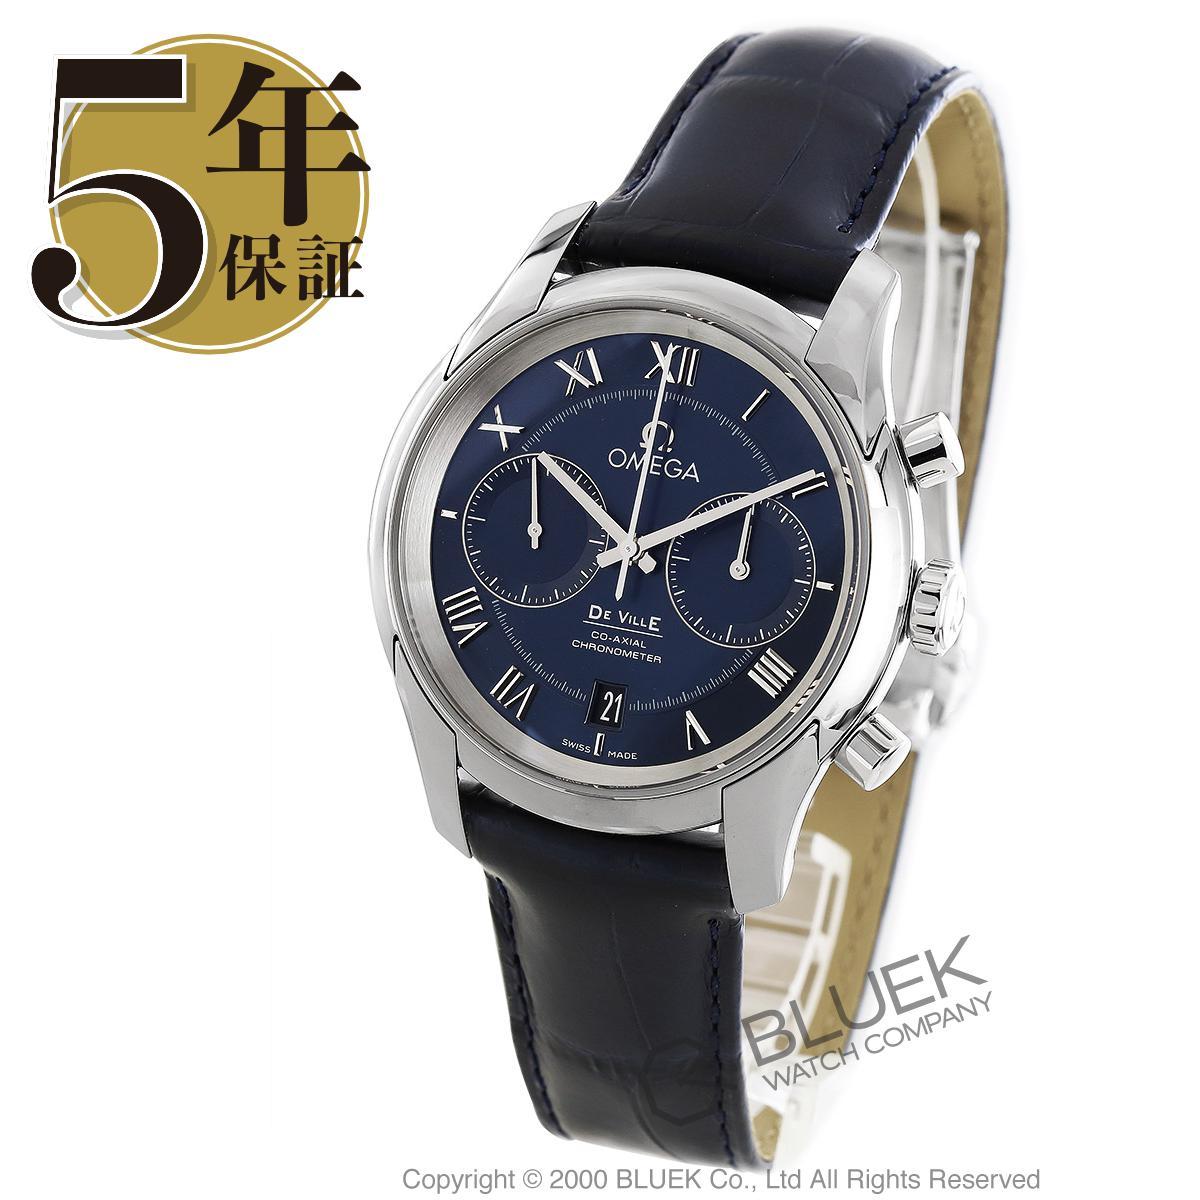 オメガ デビル コーアクシャル クロノグラフ アリゲーターレザー 腕時計 メンズ OMEGA 431.13.42.51.03.001_5